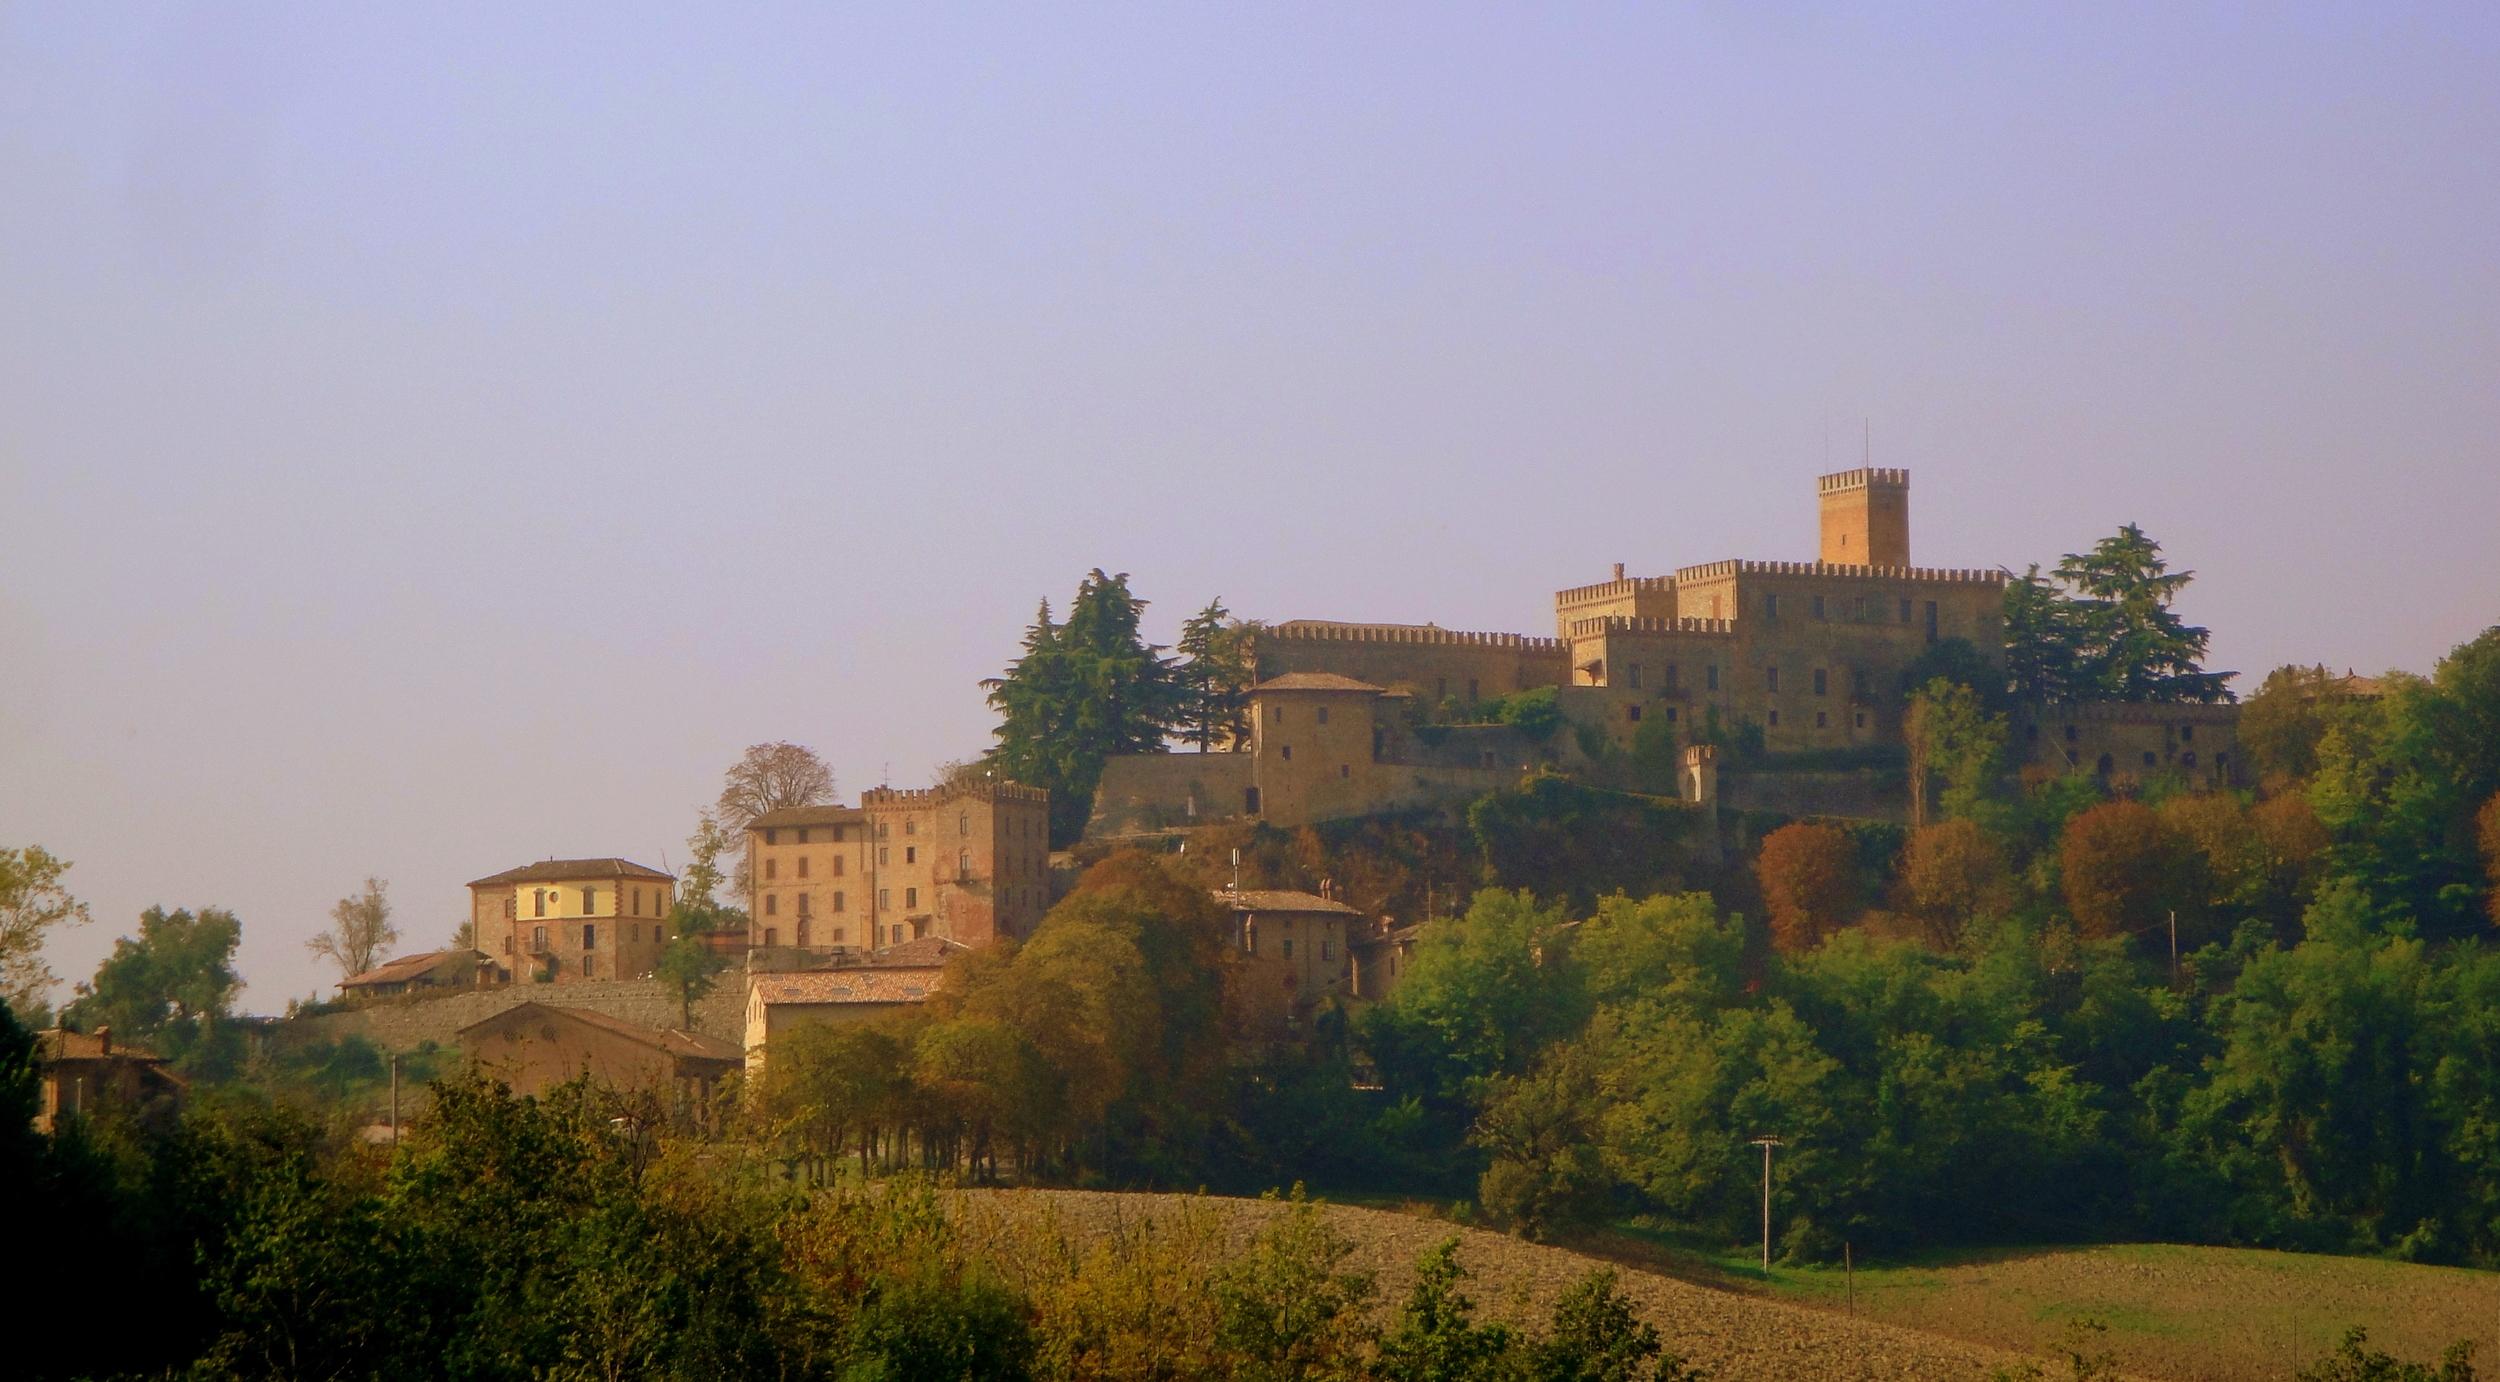 Our hilltop castle in Parma